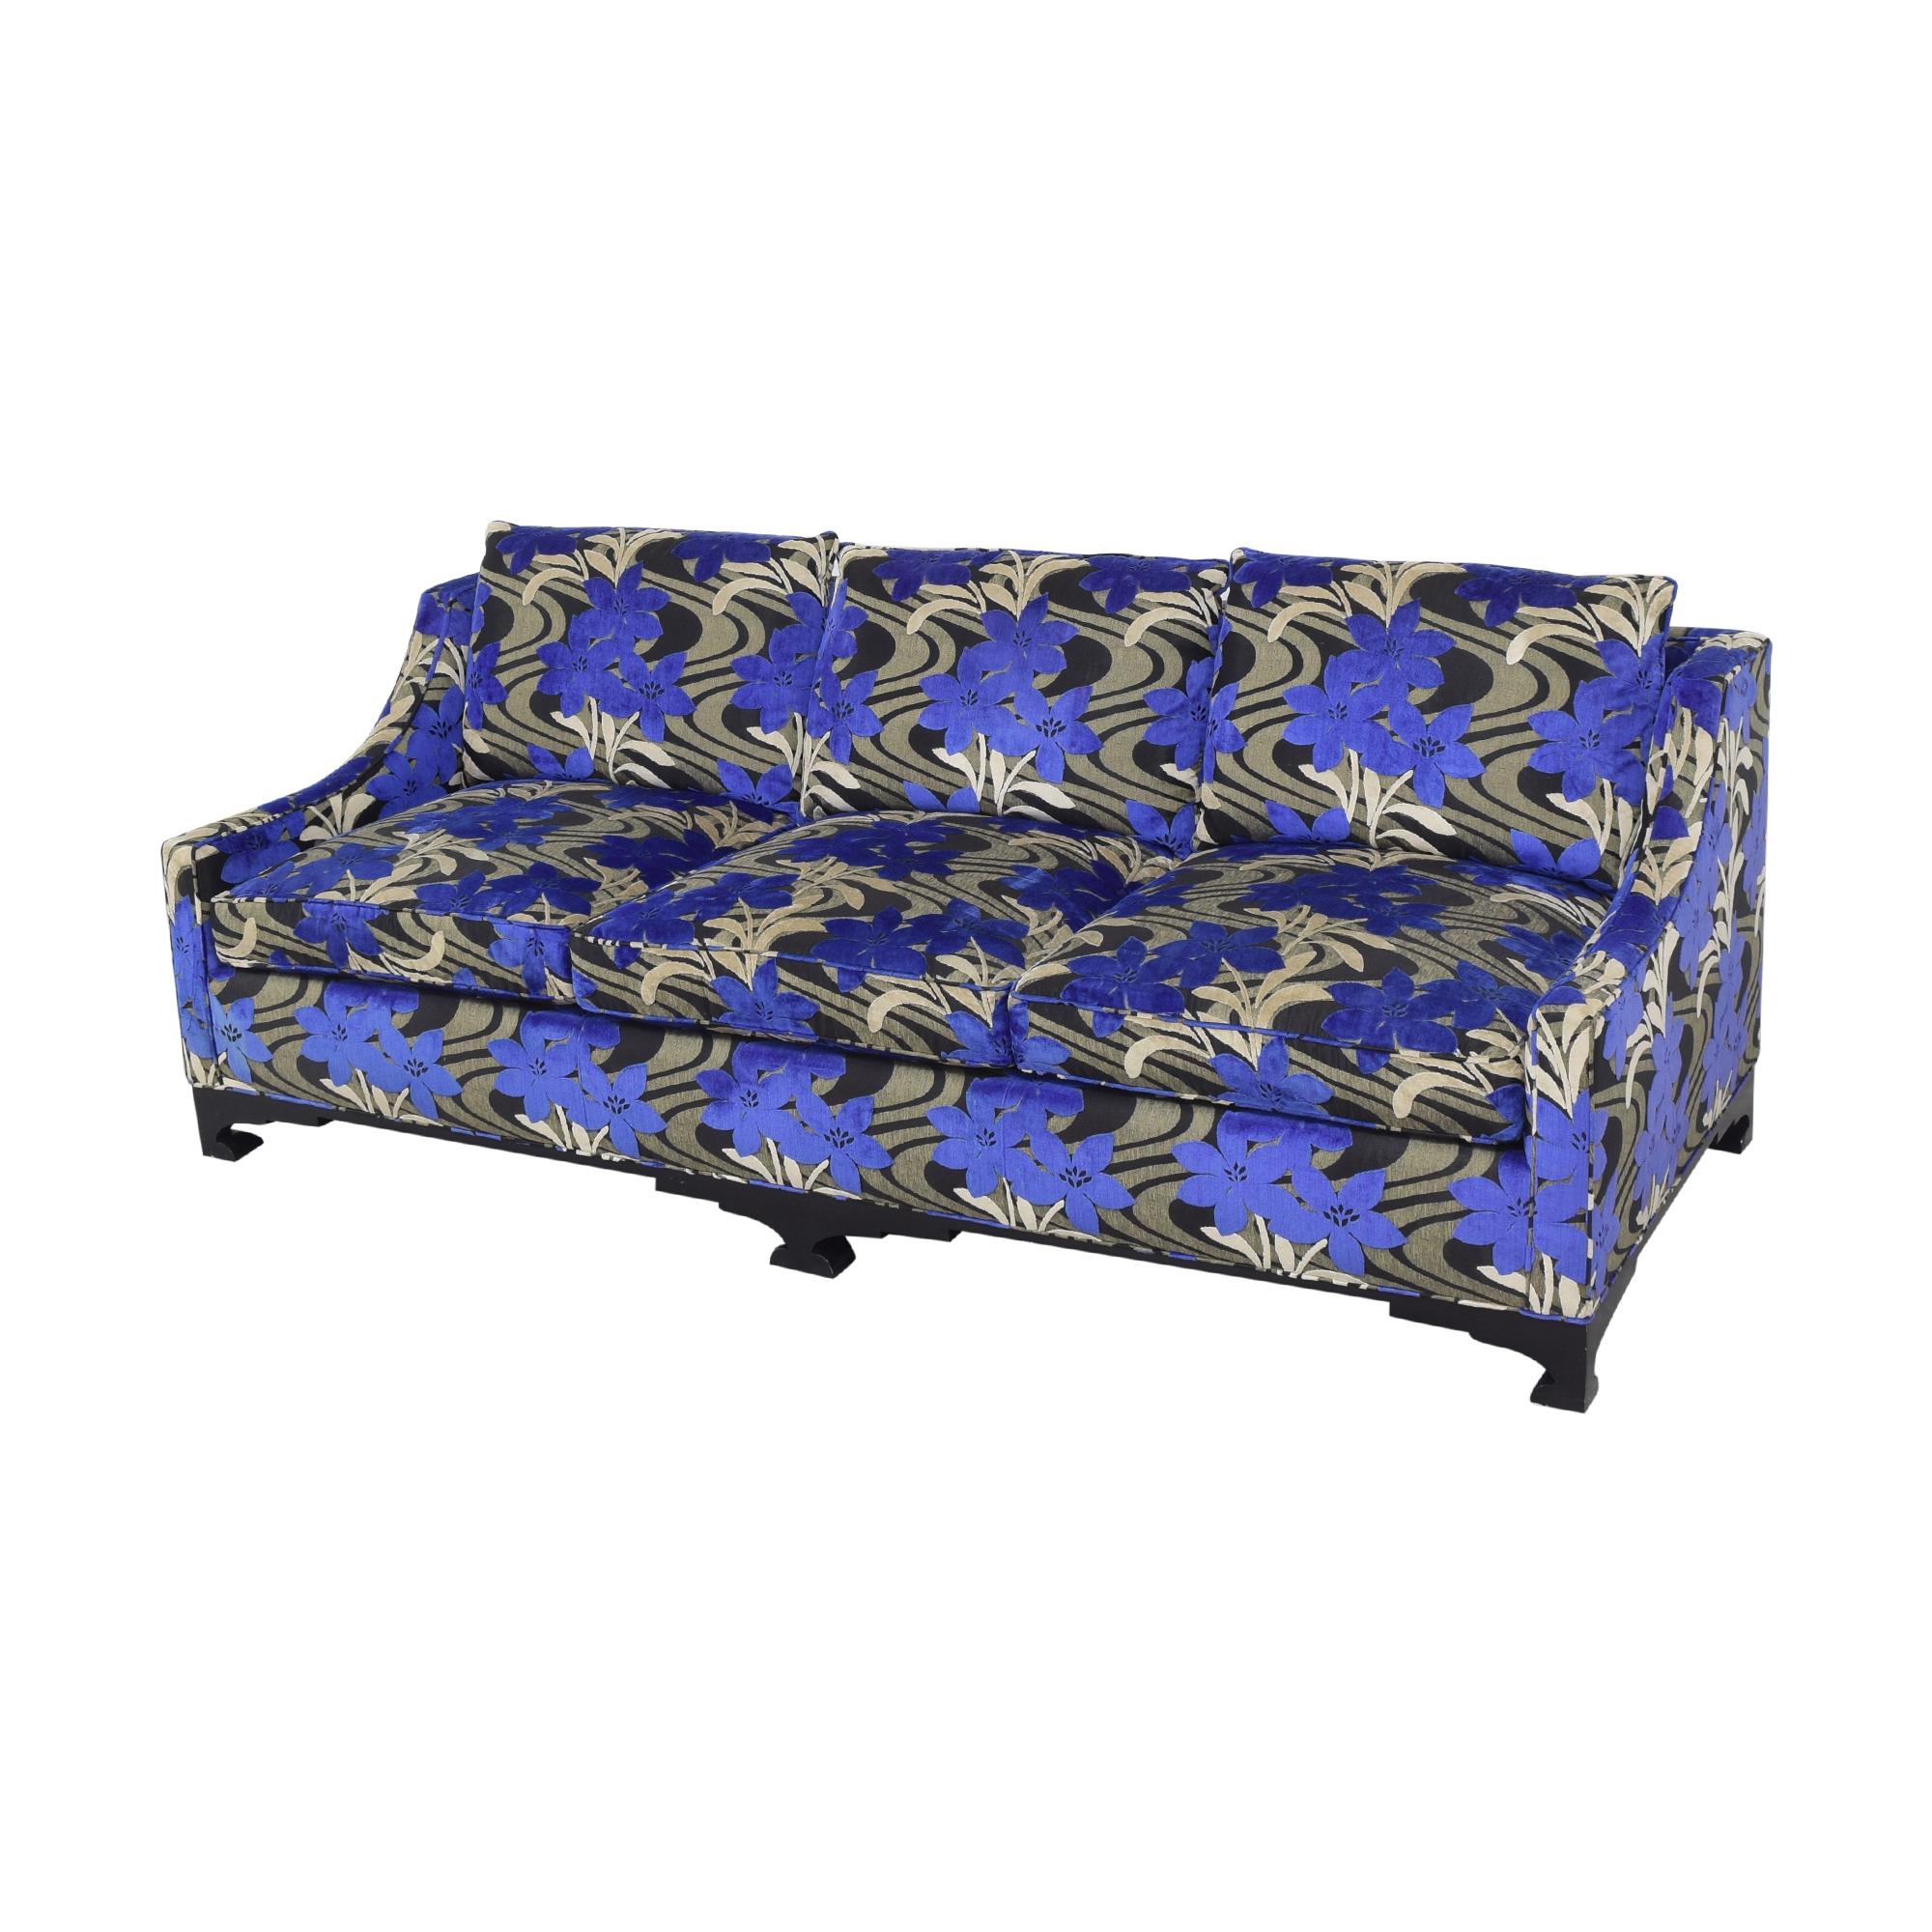 Lewis Mittman Lewis Mittman Custom Roger Thomas Bond Street Sofa discount